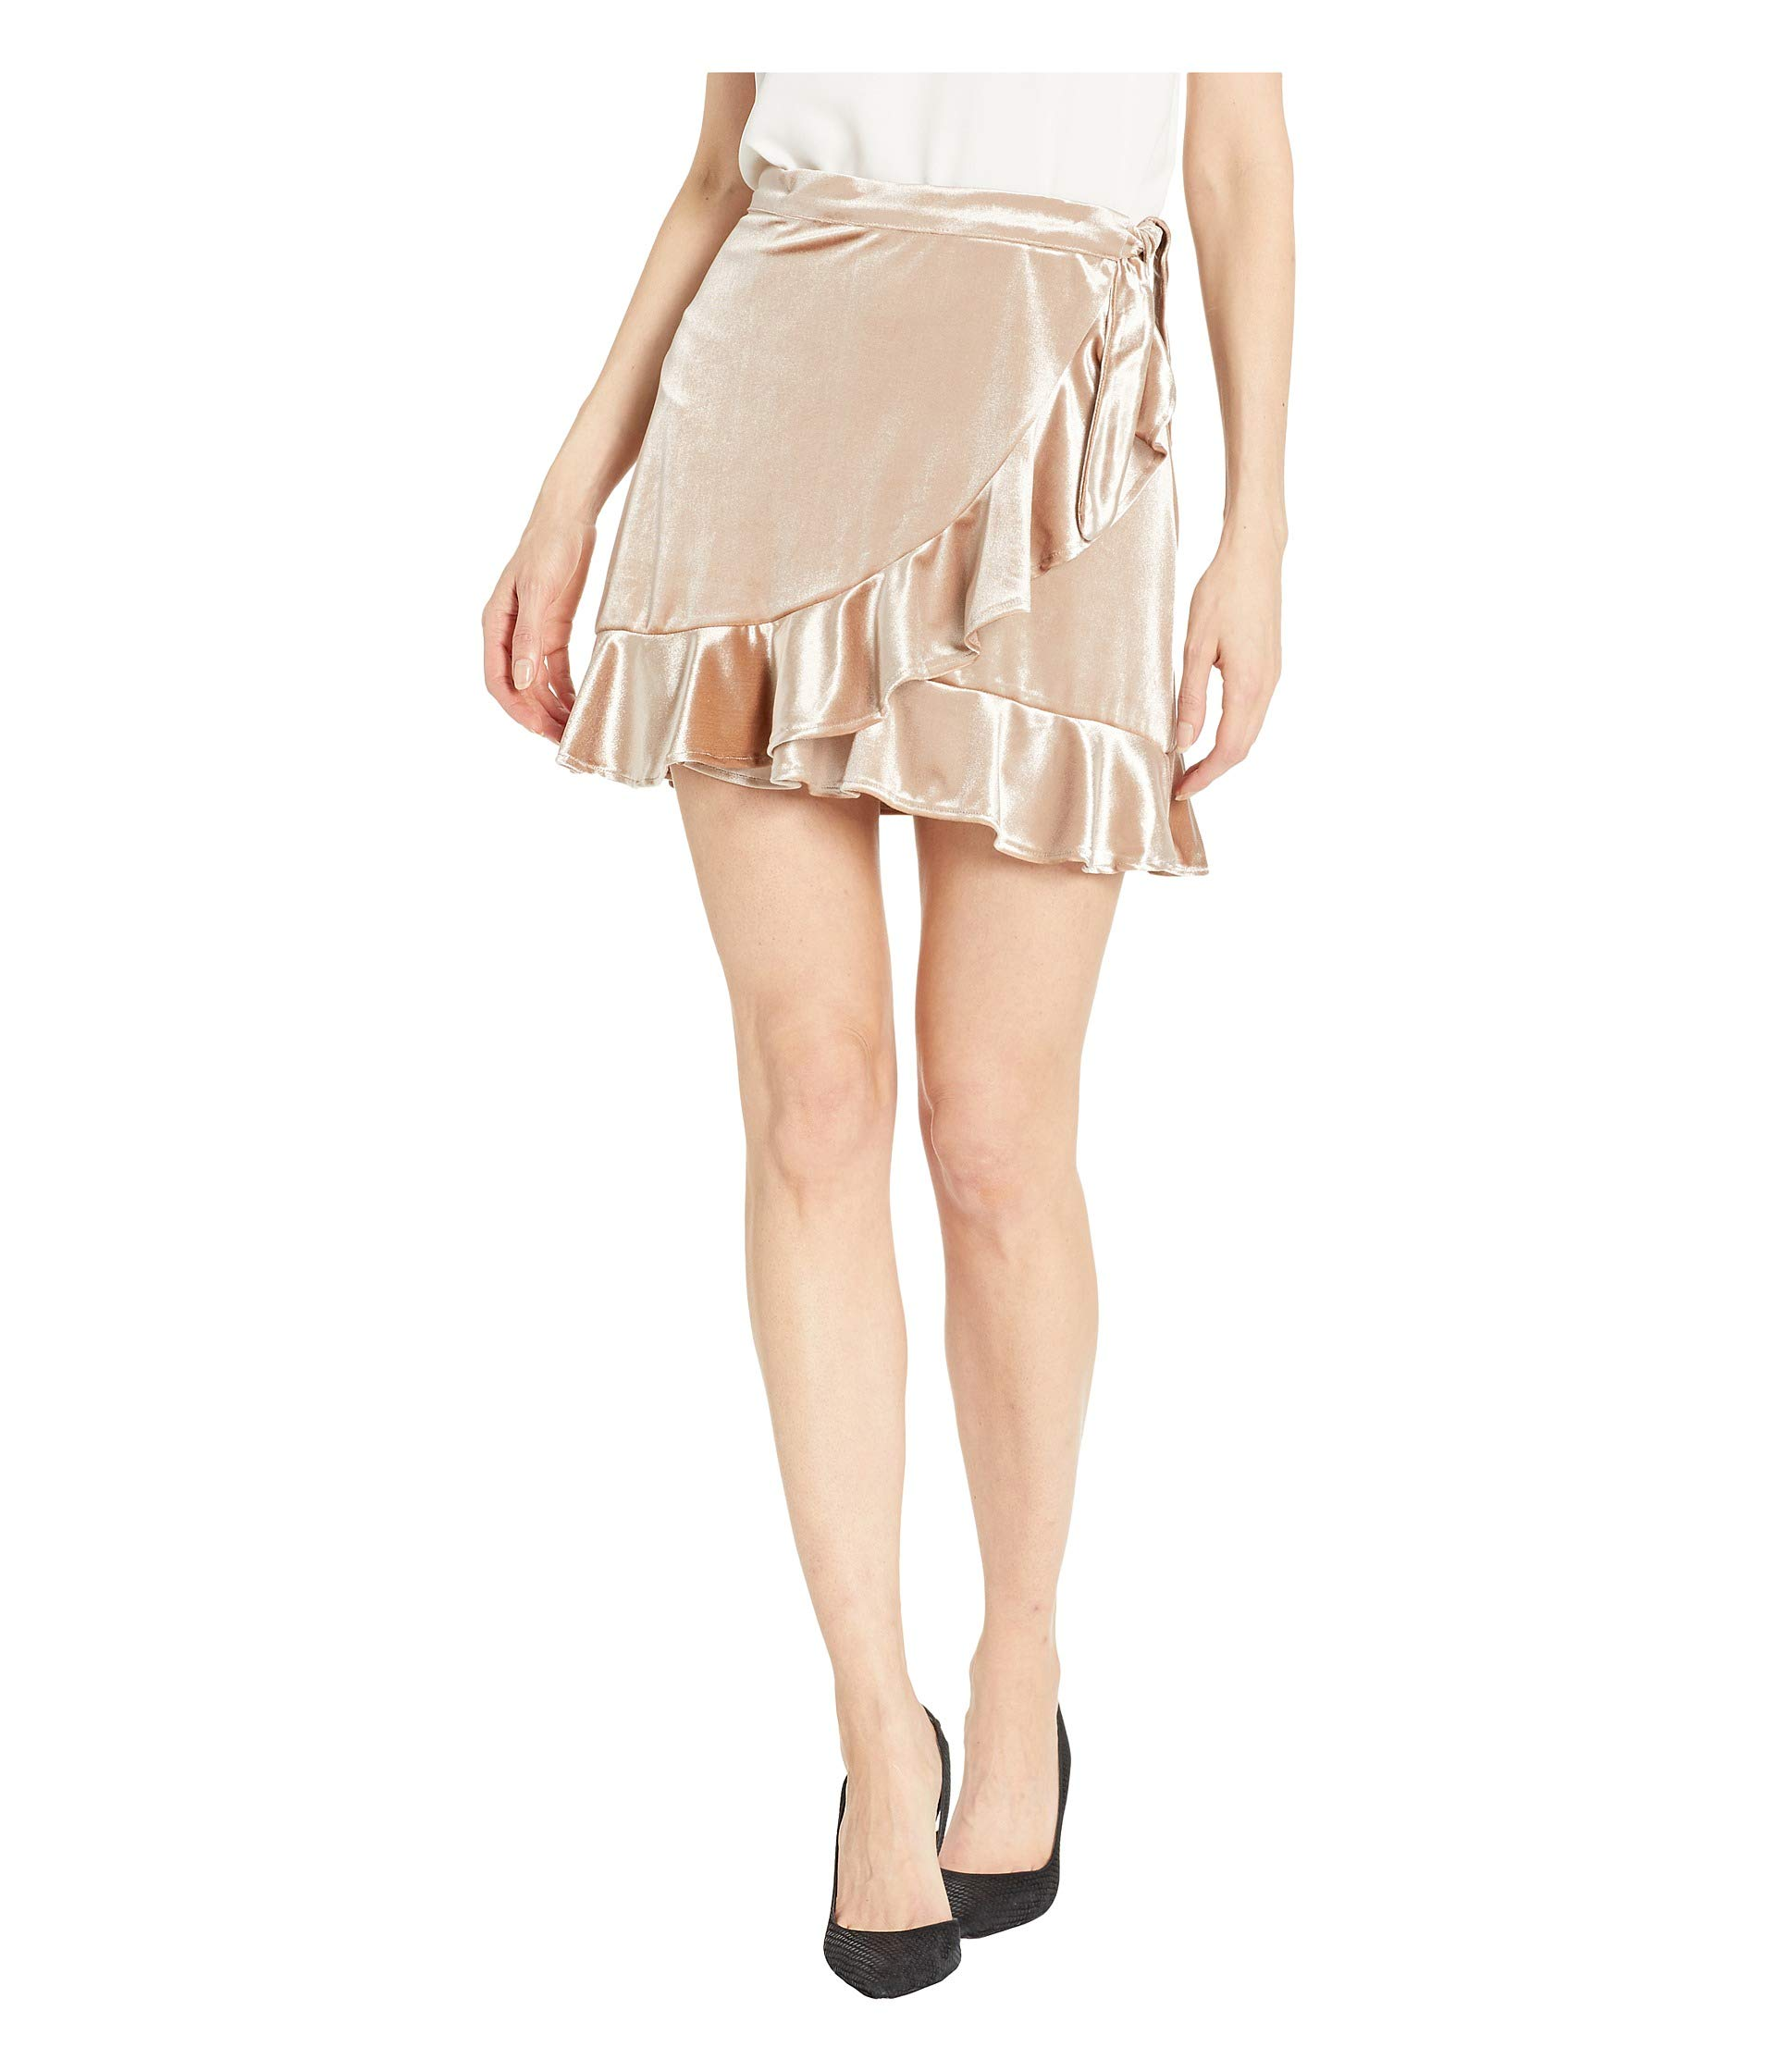 Bb This Velvet Good Gold Skirt Pale Dakota Look rT6qEwnra